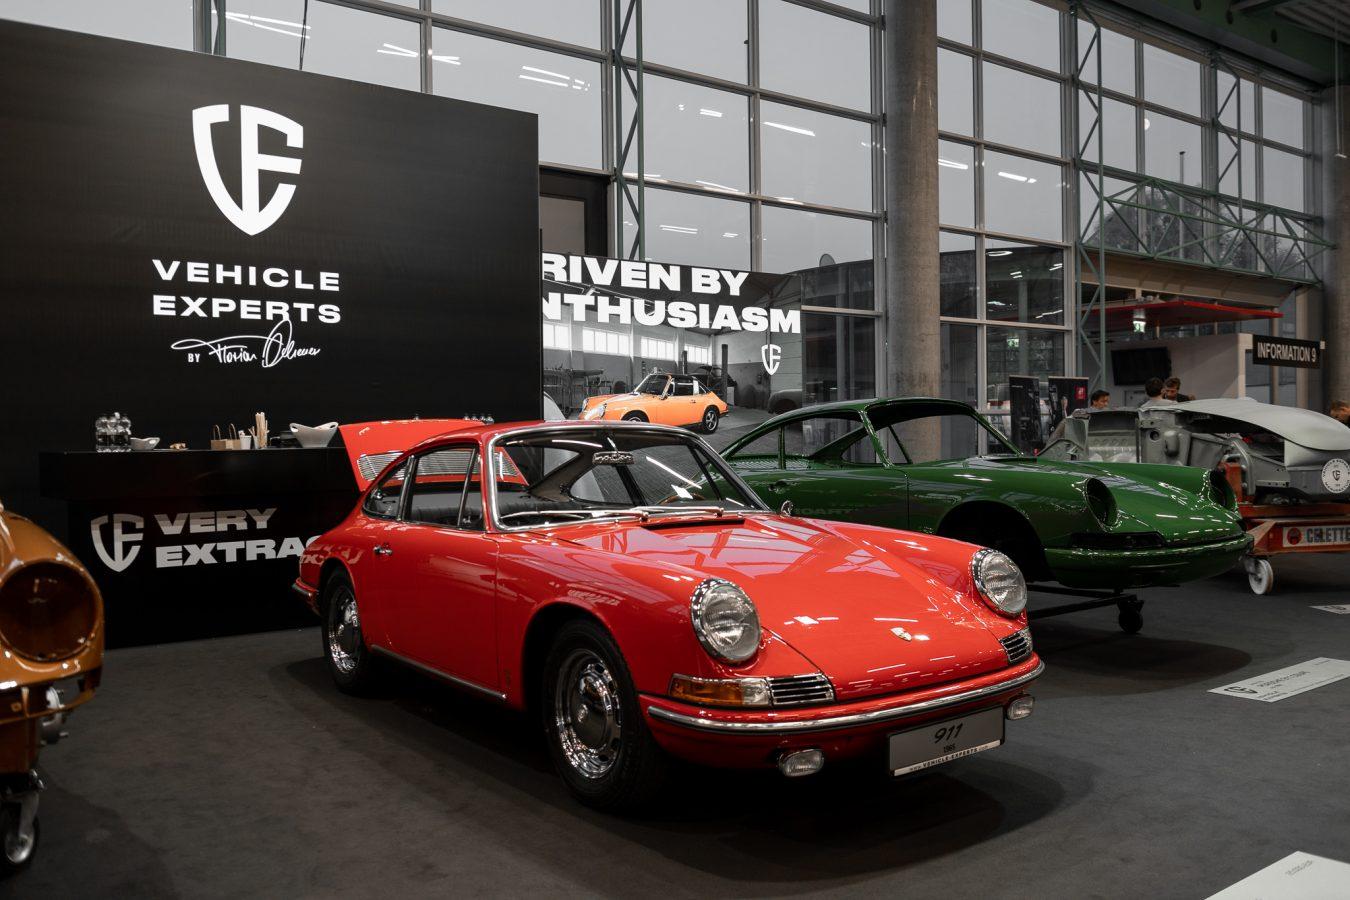 Zwei Porsche vor Vehicle Experts Poster